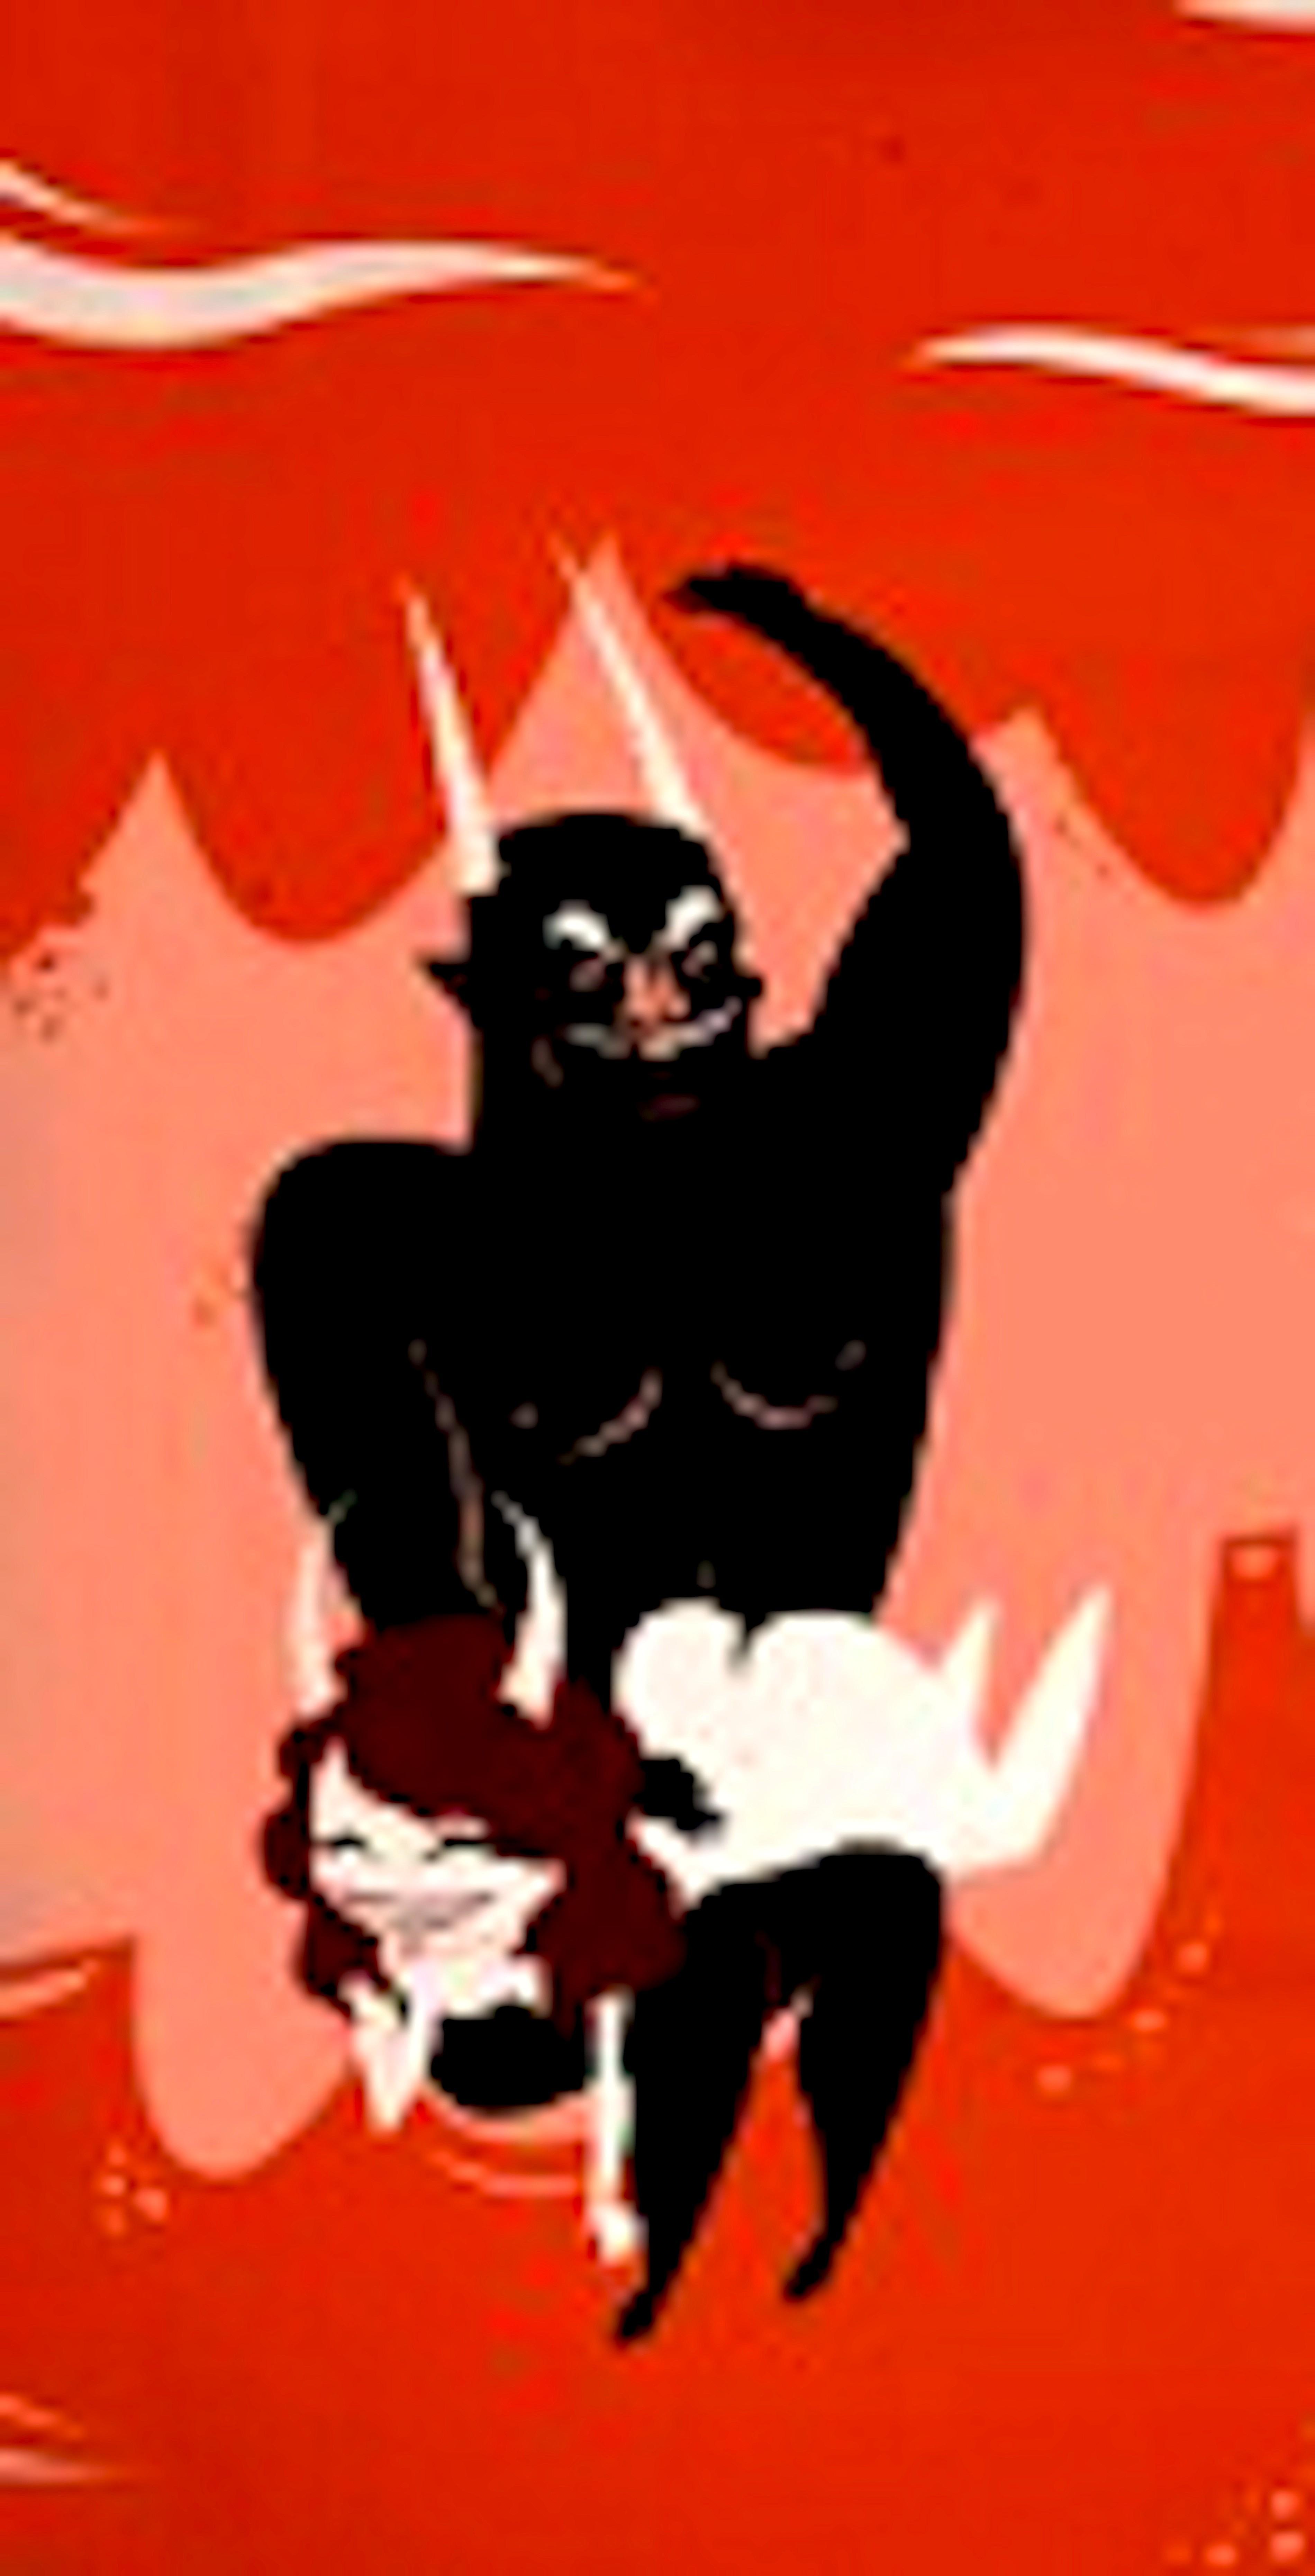 Devil beating his daughter